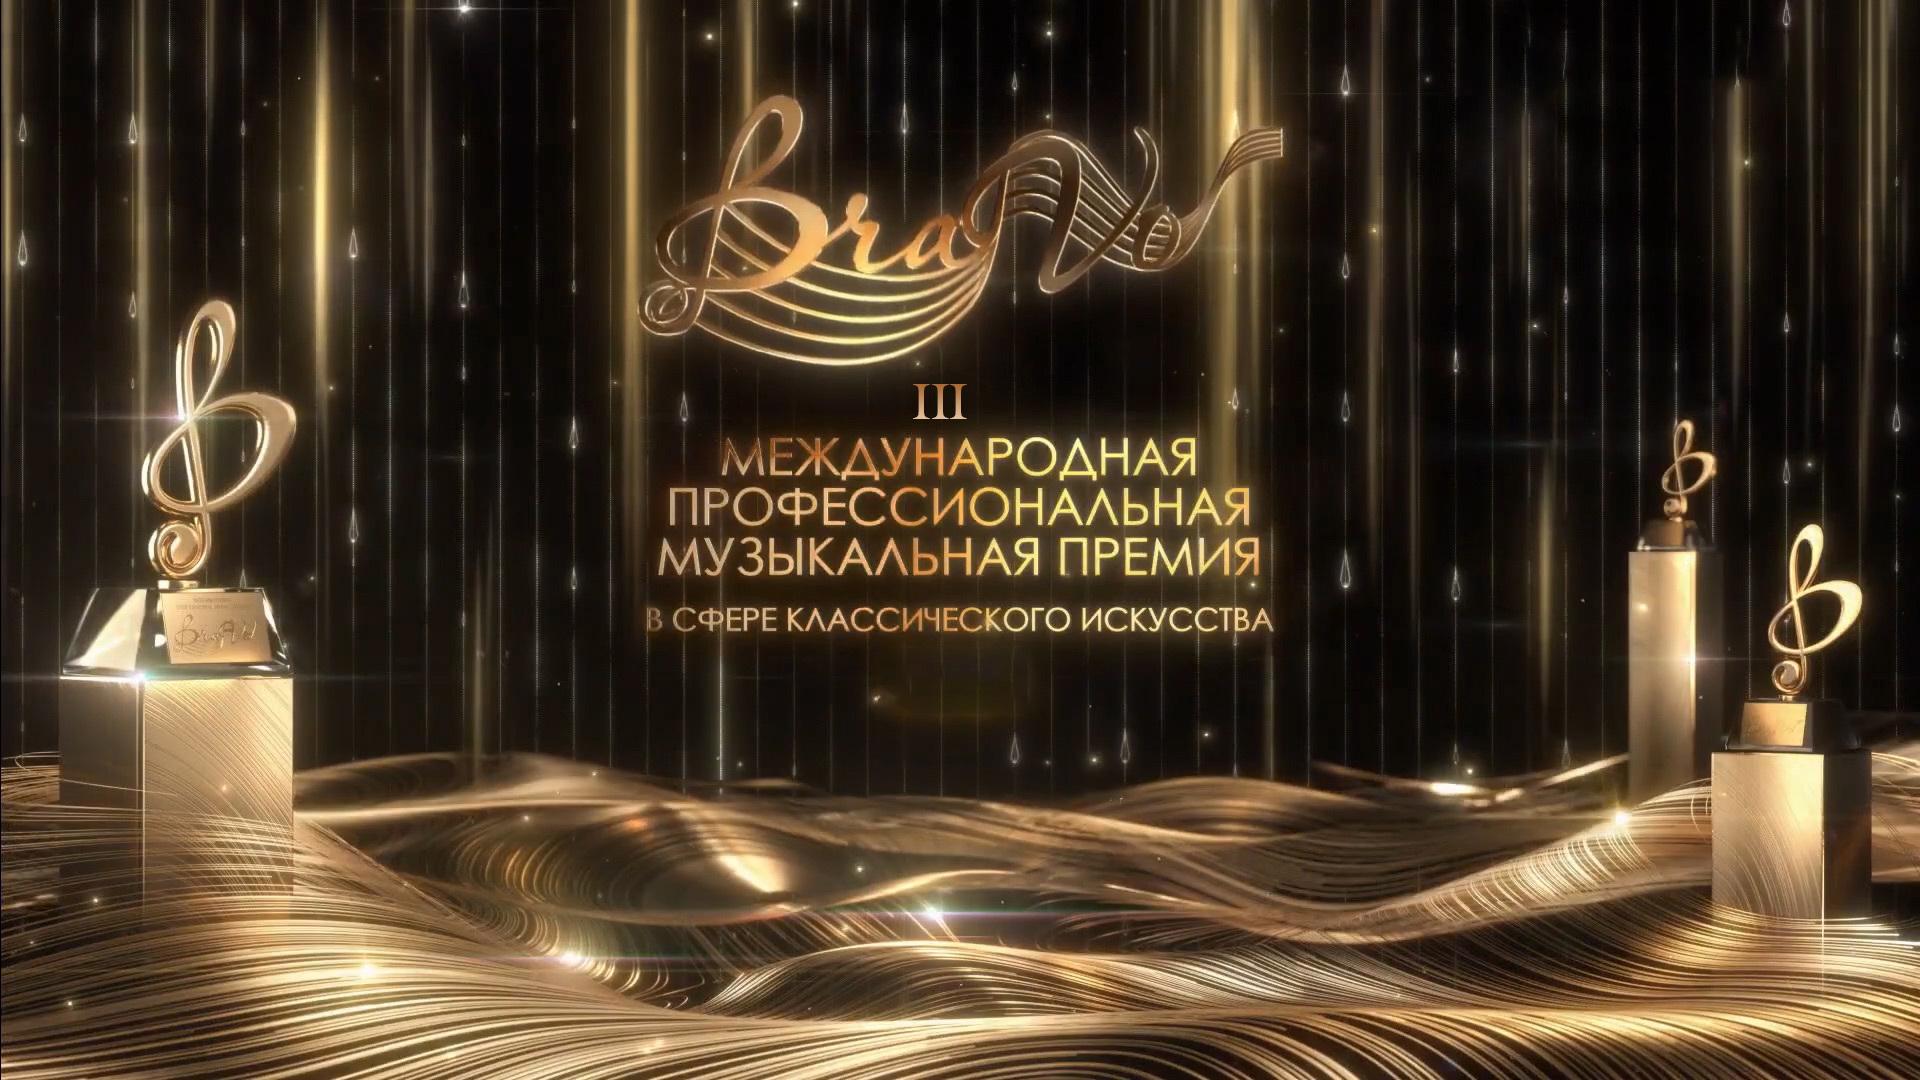 """III церемония вручения Международной профессиональной музыкальной премии """"BraVo"""" в сфере классического искусства"""